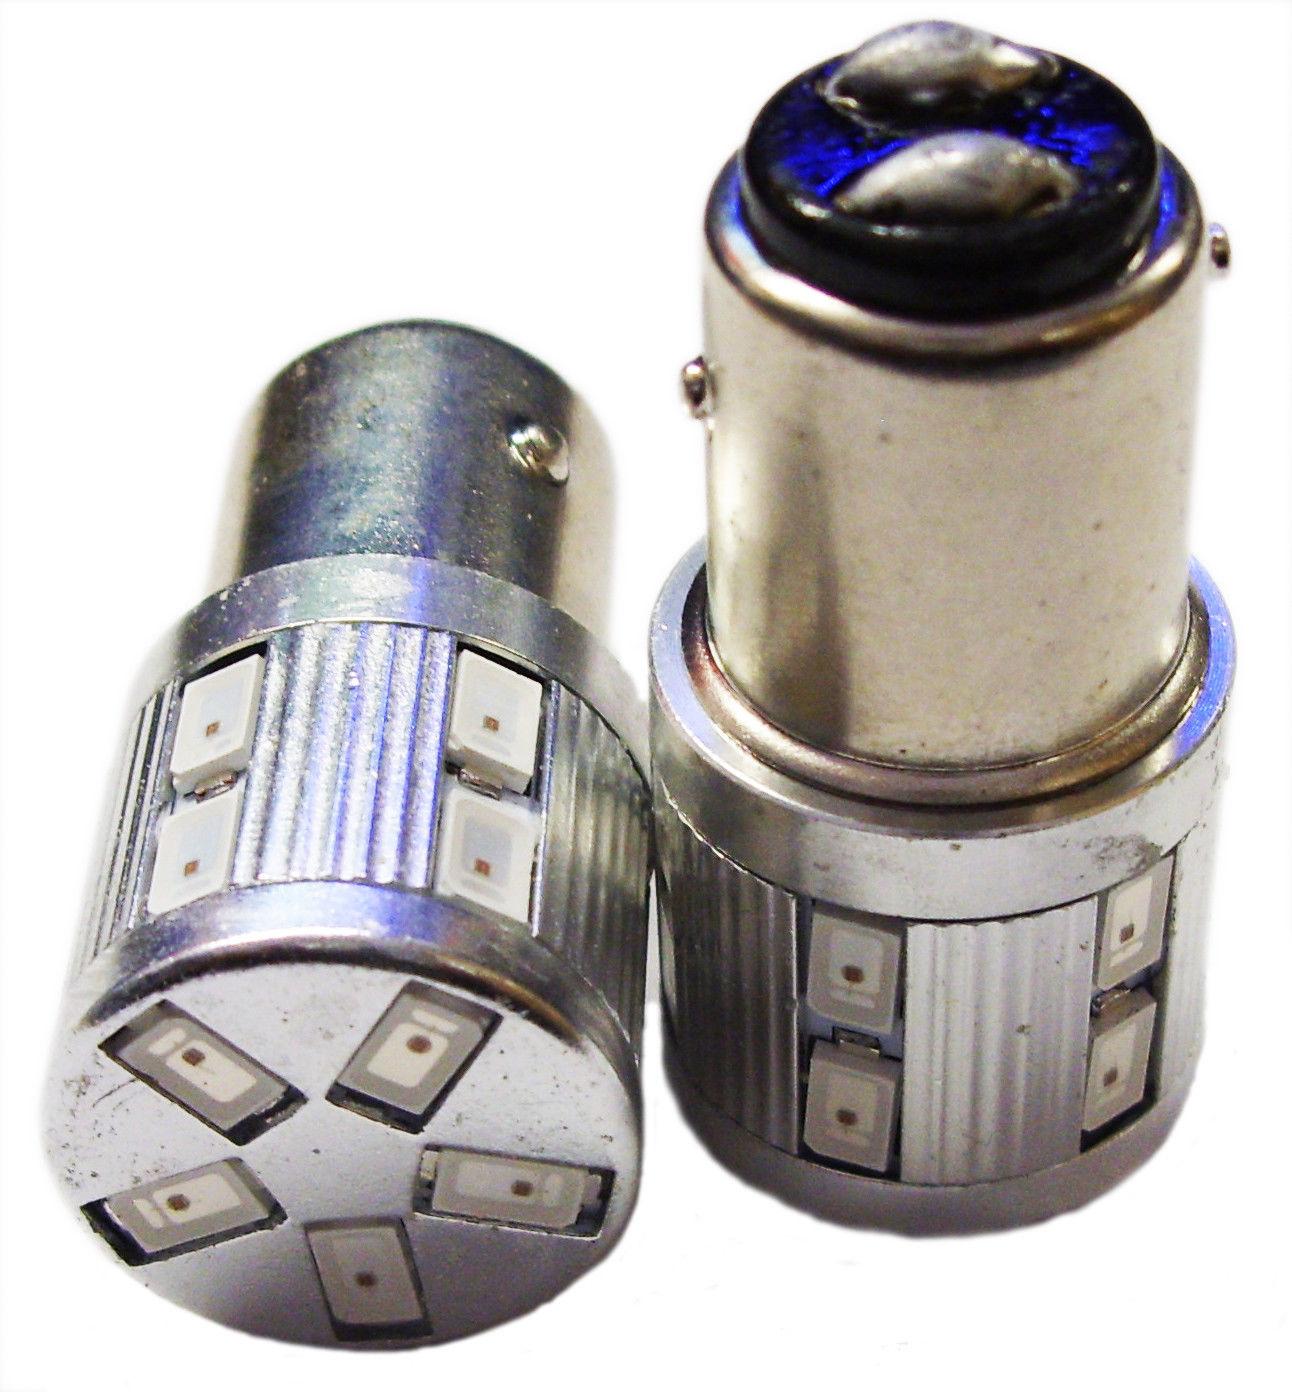 1156 380 Bay15D 17 Smd High Power Bulb Lamp Stop Tail DRL 10-30V 12V 24V